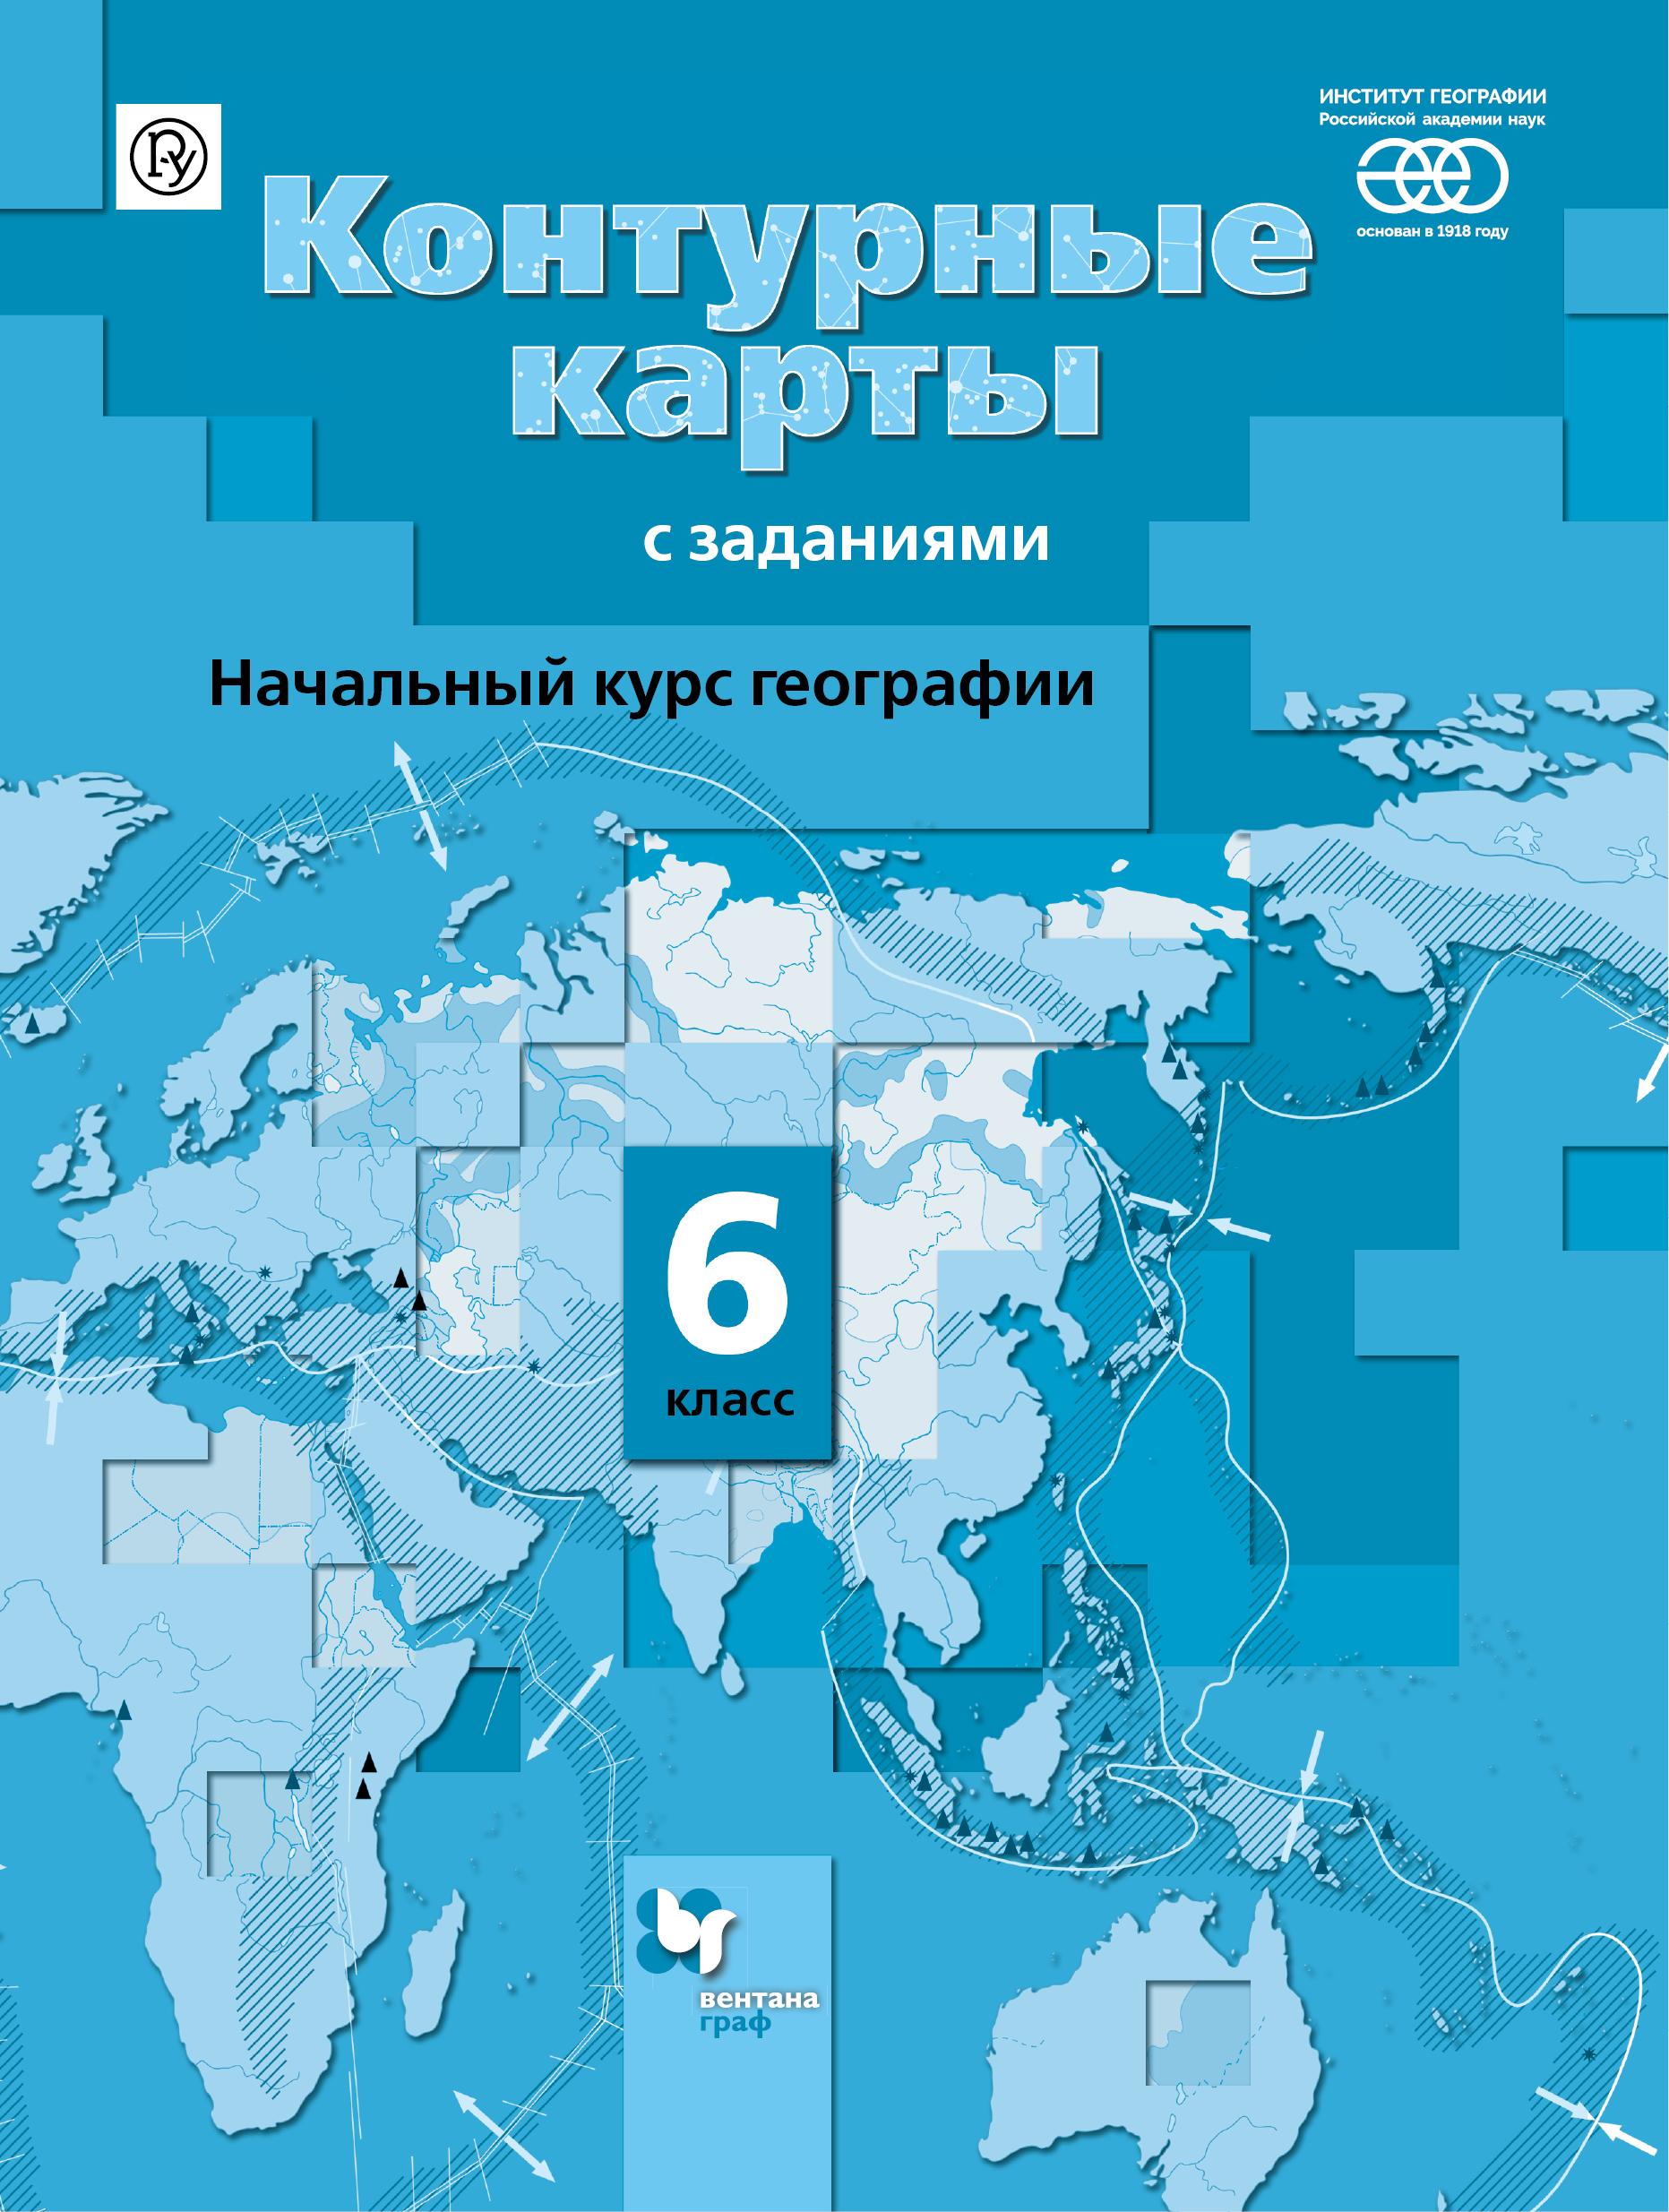 Летягин А.А. География. Начальный курс географии. 6класс. Контурные карты